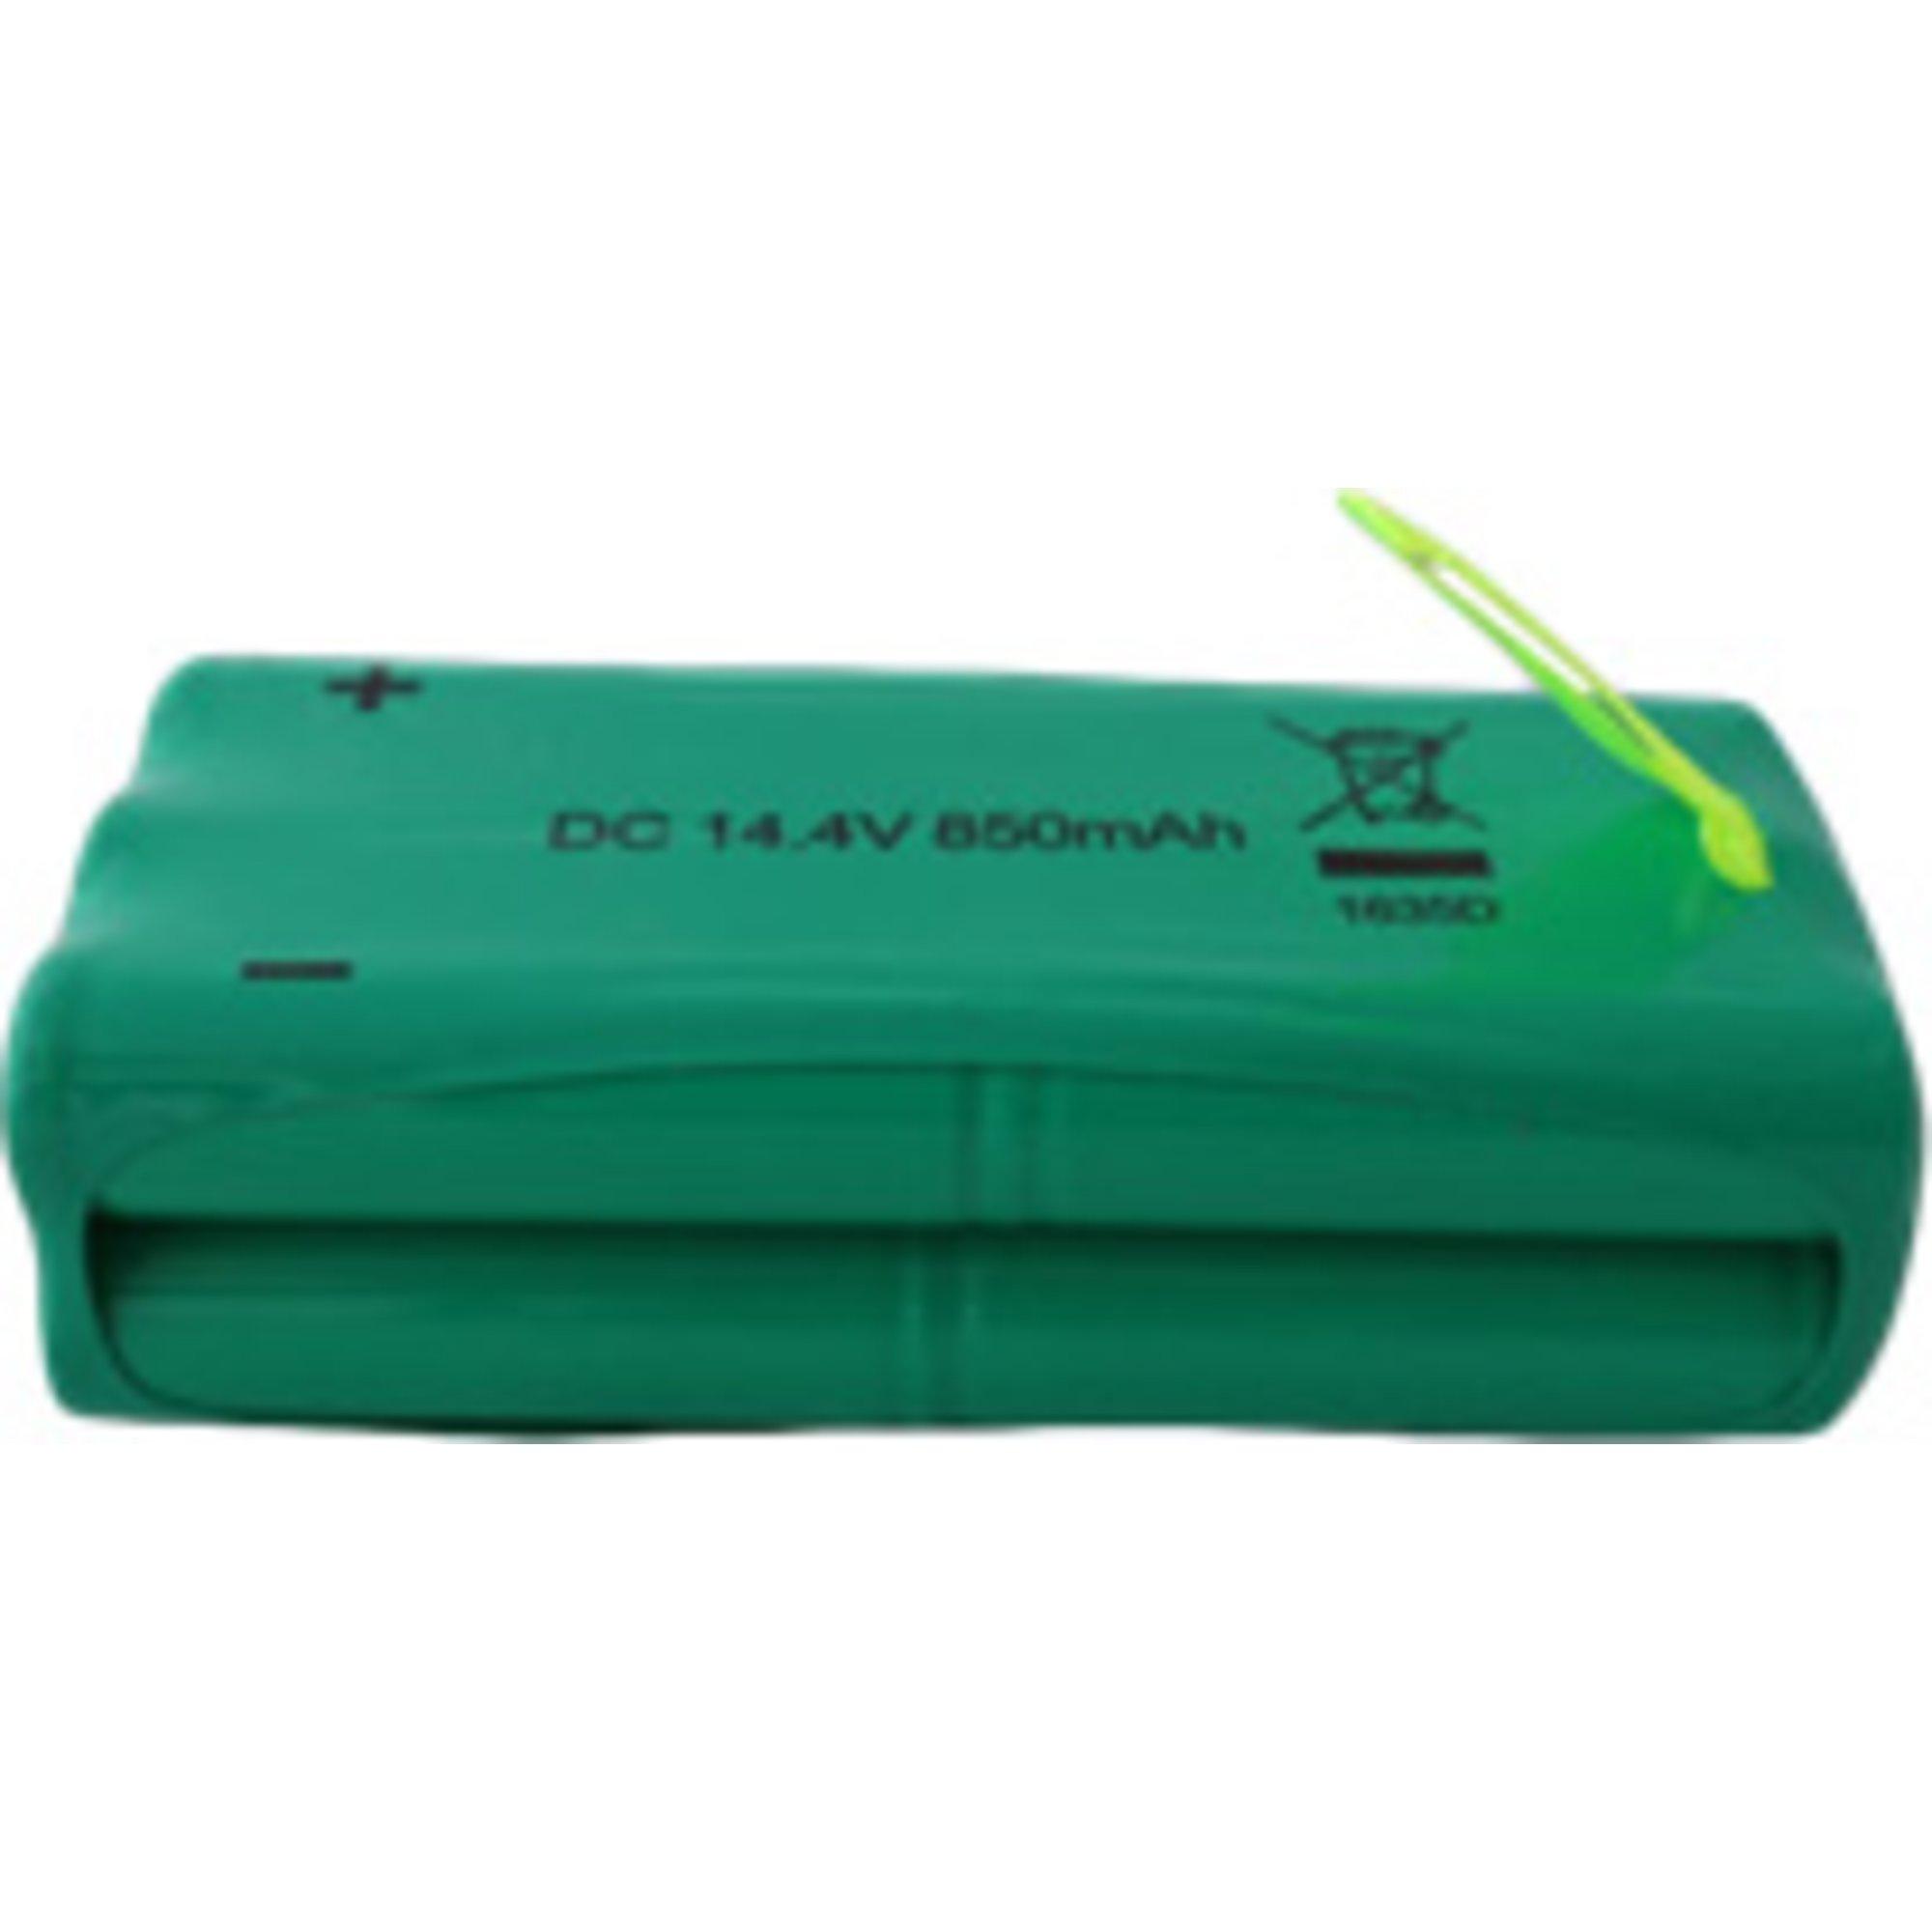 Cleanmate Batteri S300